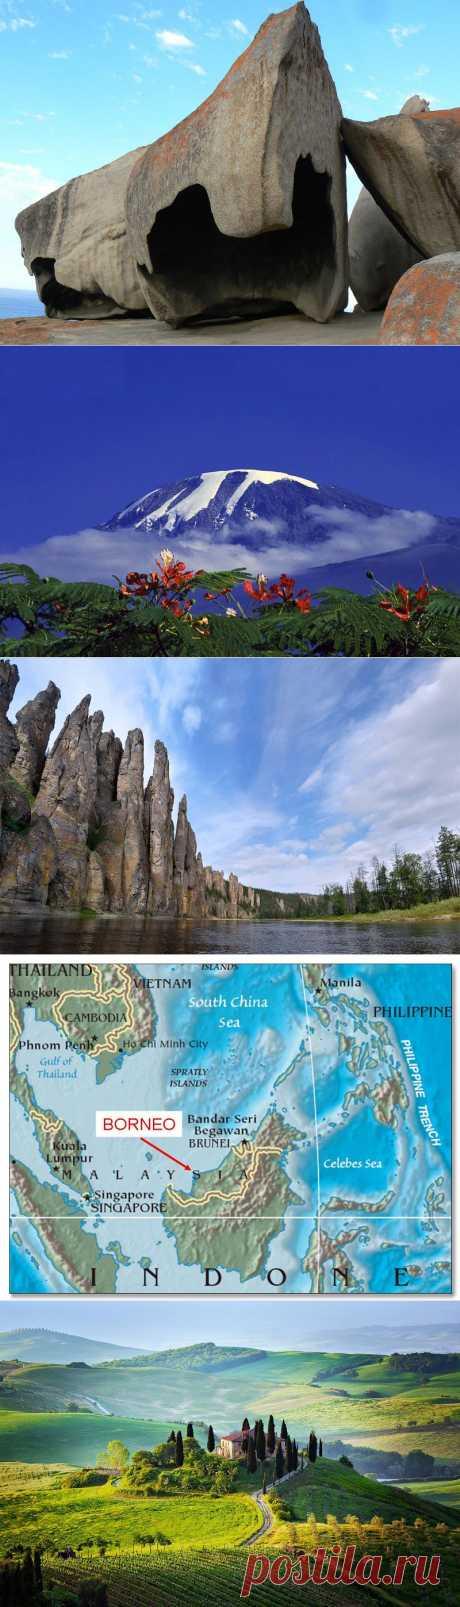 Удивительные места планеты: Национальный парк Флиндерс Чейз, Австралия; Гора Килиманджаро в Танзании, Африка; Национальный парк Ленские столбы, Россия; Остров Борнео/Калимантан; Доломитовые Альпы, Италия; Доломитовые Альпы, Италия и многое другое...